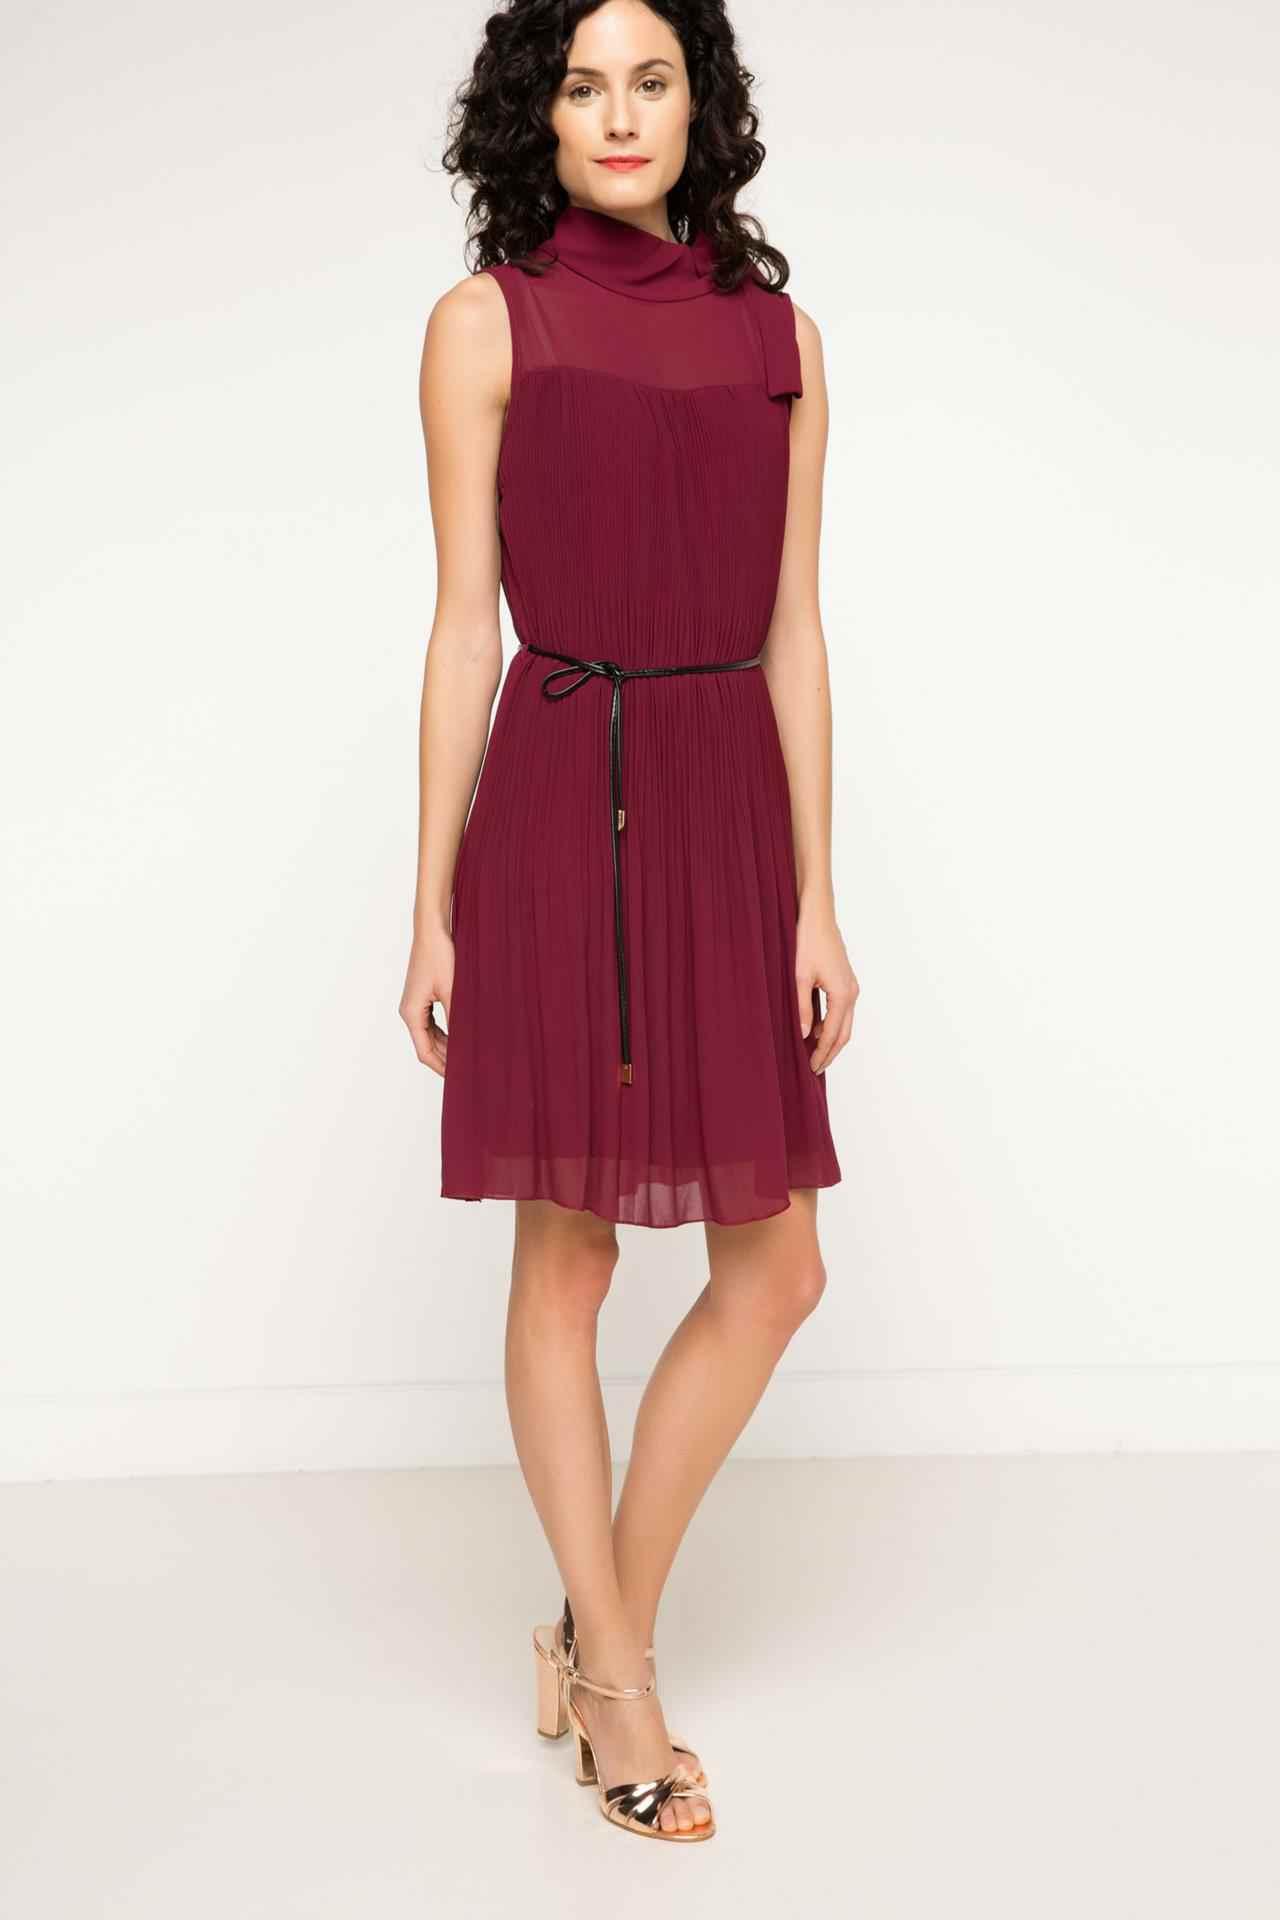 İlkbahar Yaz Hamile Elbise Modelleri 2019